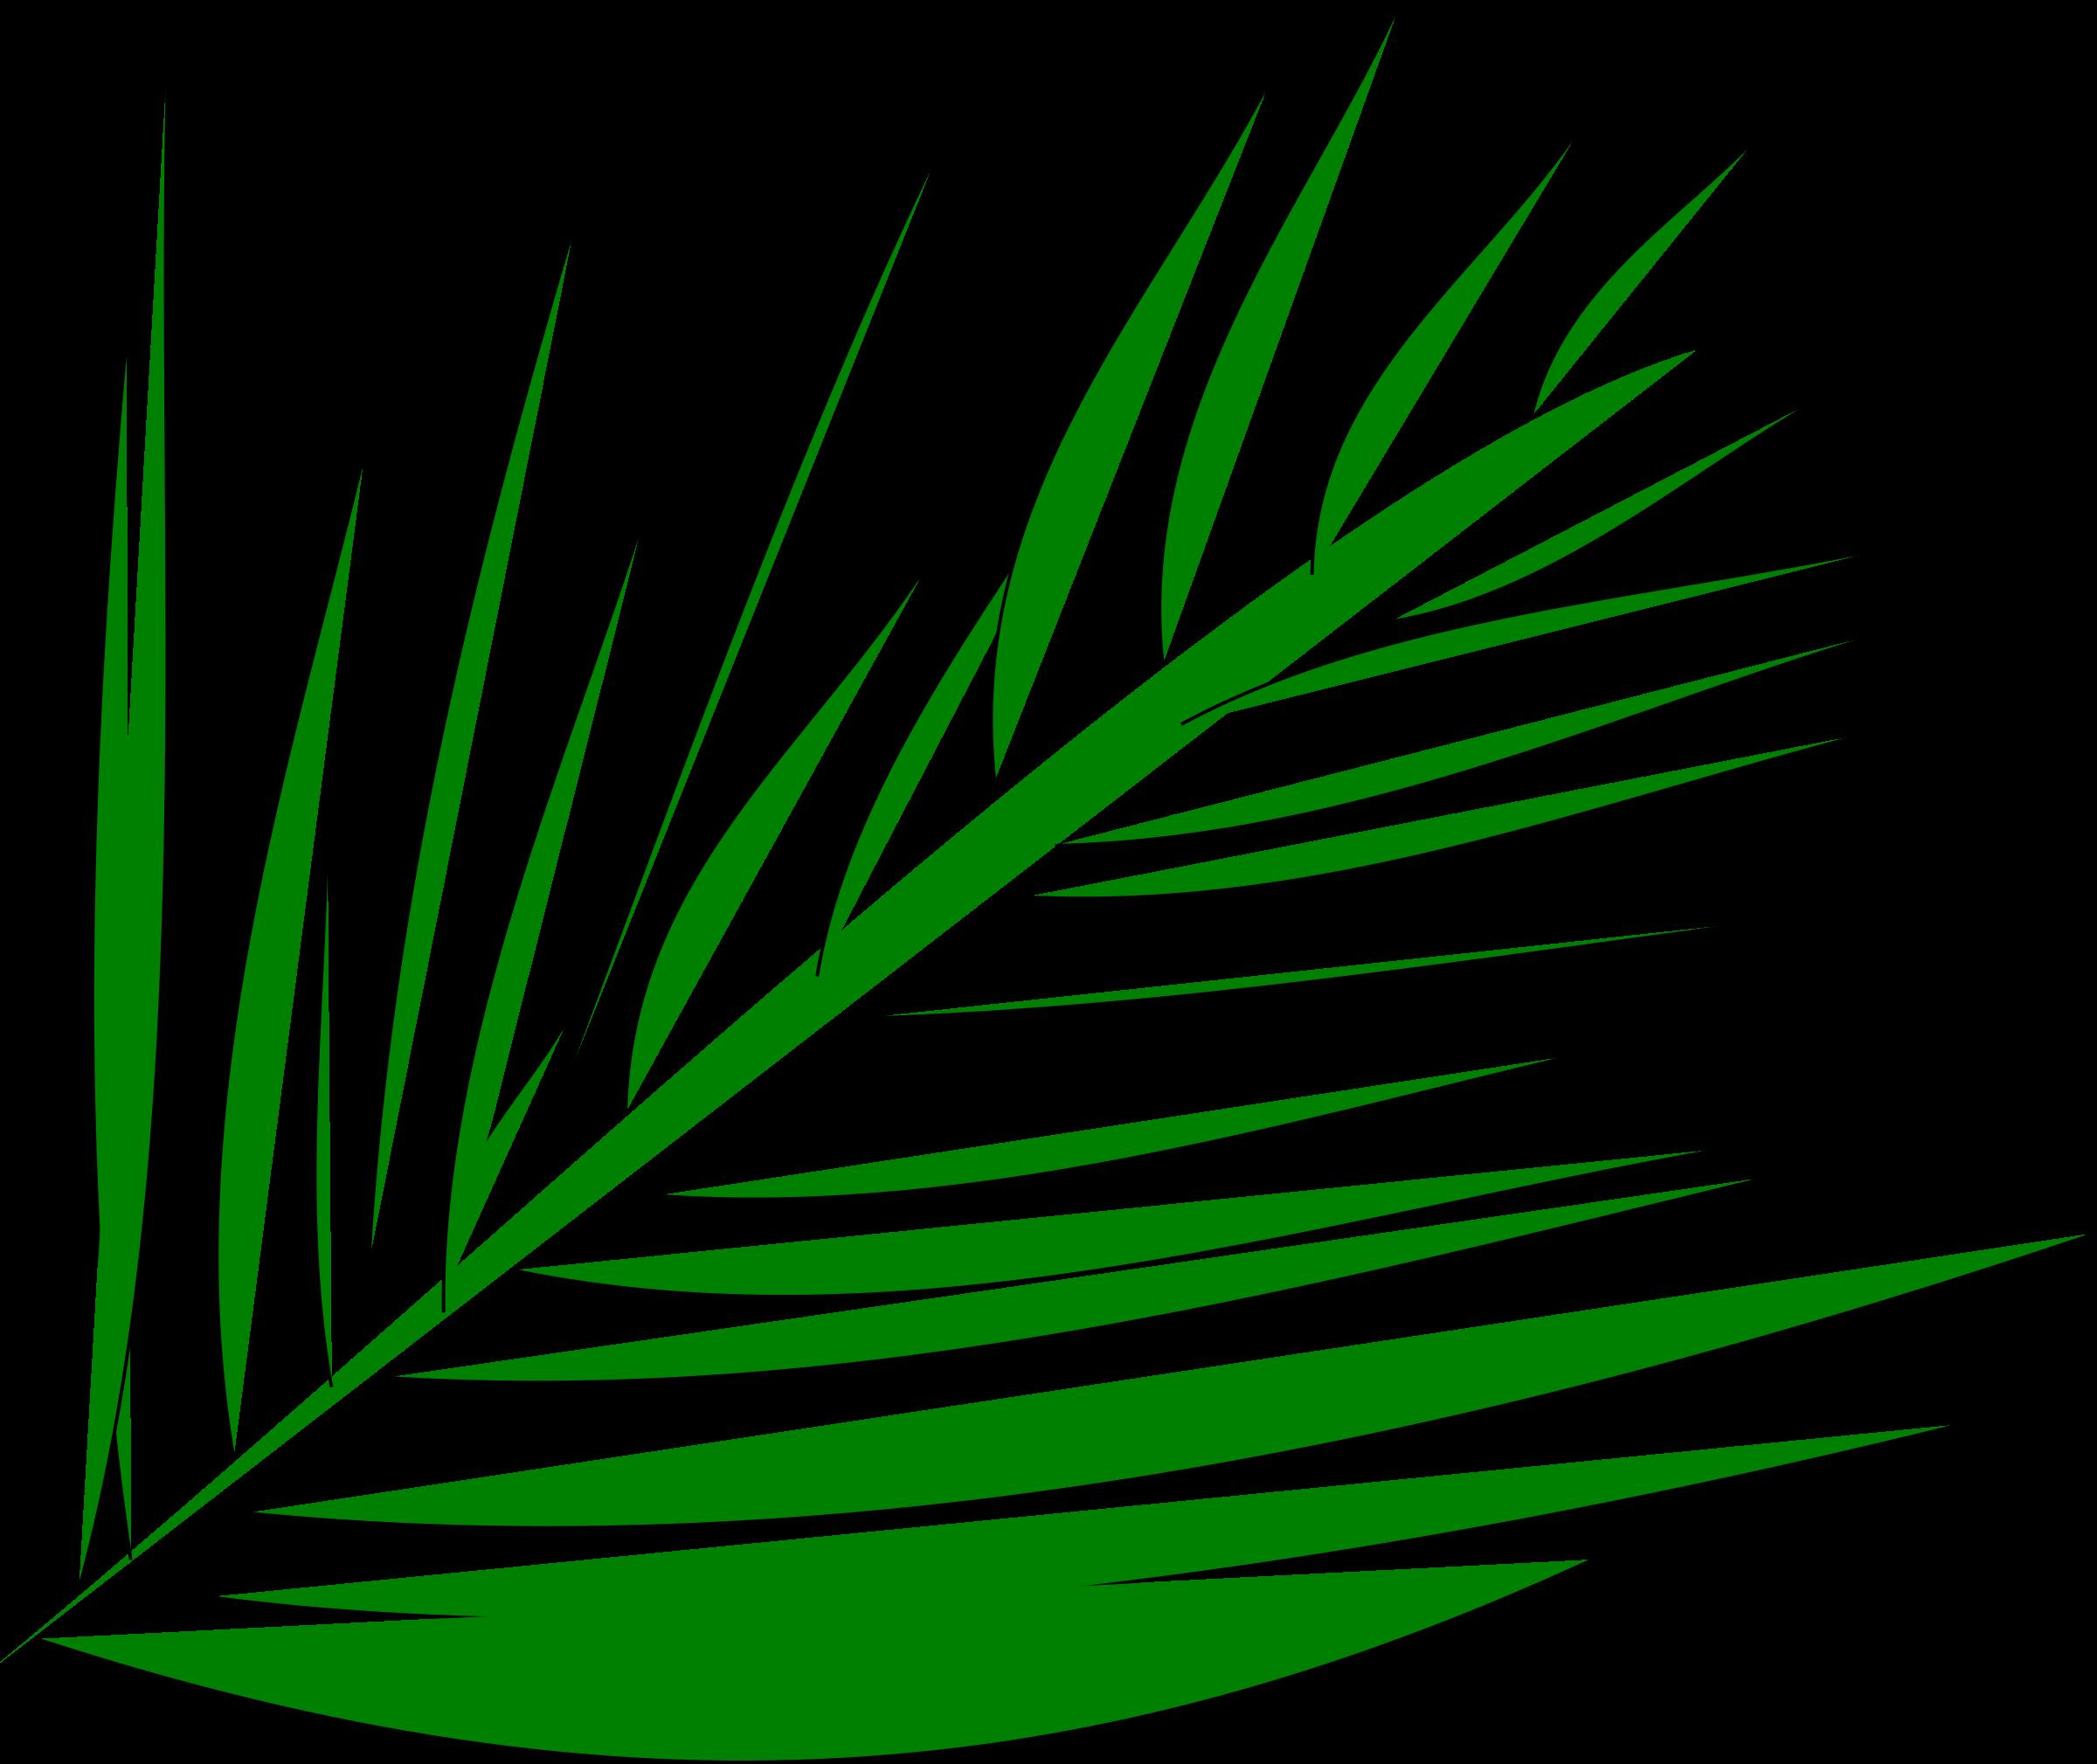 Transparent tropical leaf clipart - Palm-leaf Manuscript Palm Trees Computer Icons Palm - Palm Tree Branch Clip Art